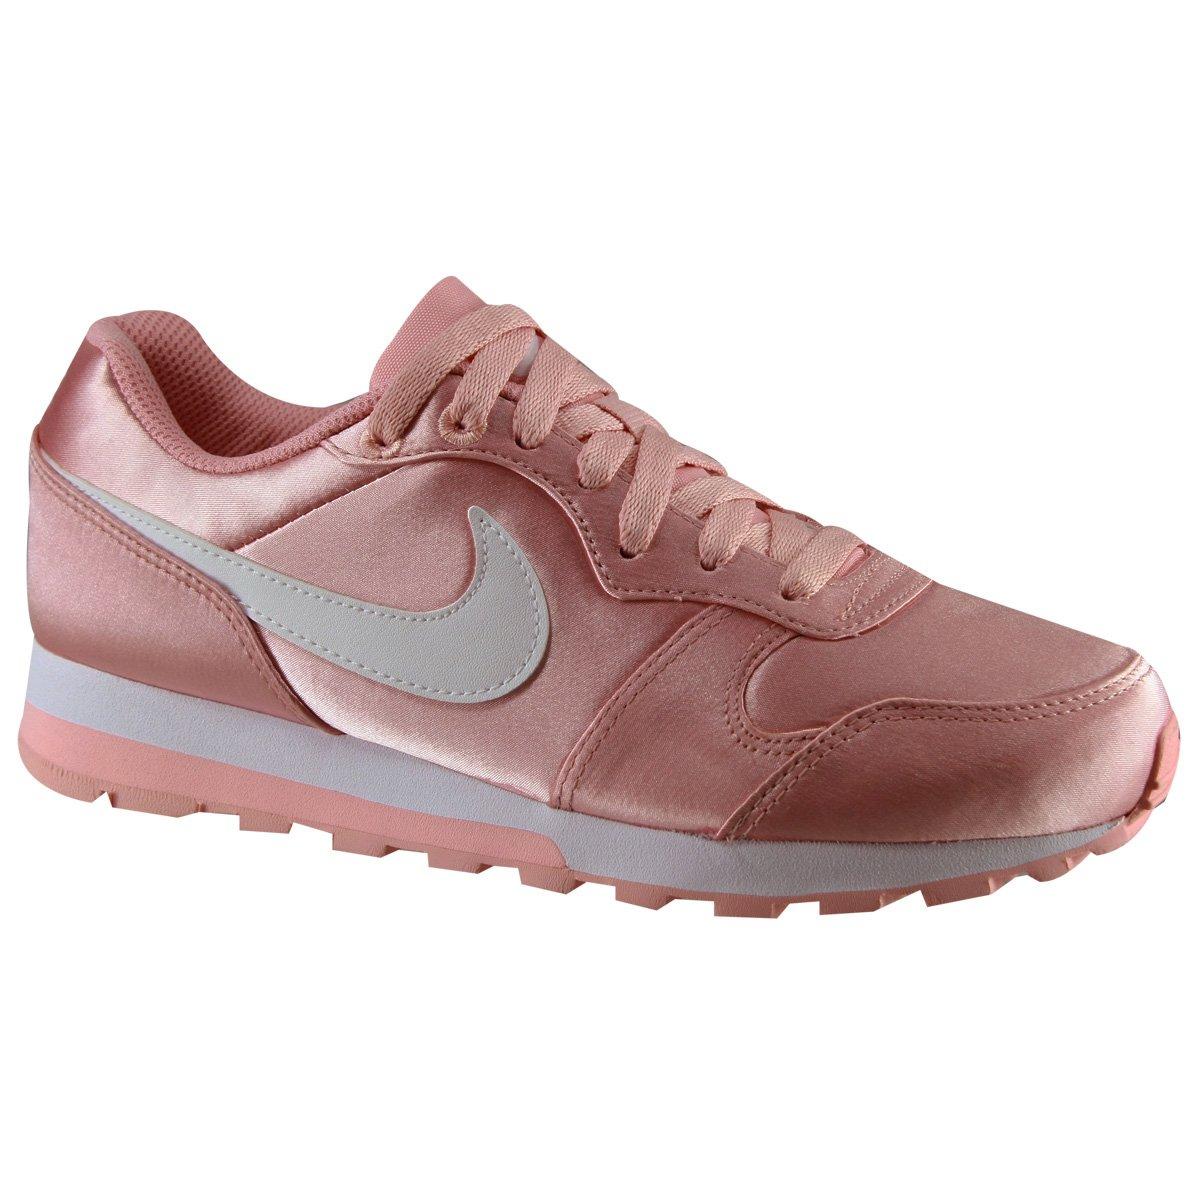 Tênis Feminino Nike WMNS MD Runner 2 749869-603 - Rose - Calçados ... b31dfdd5d0723